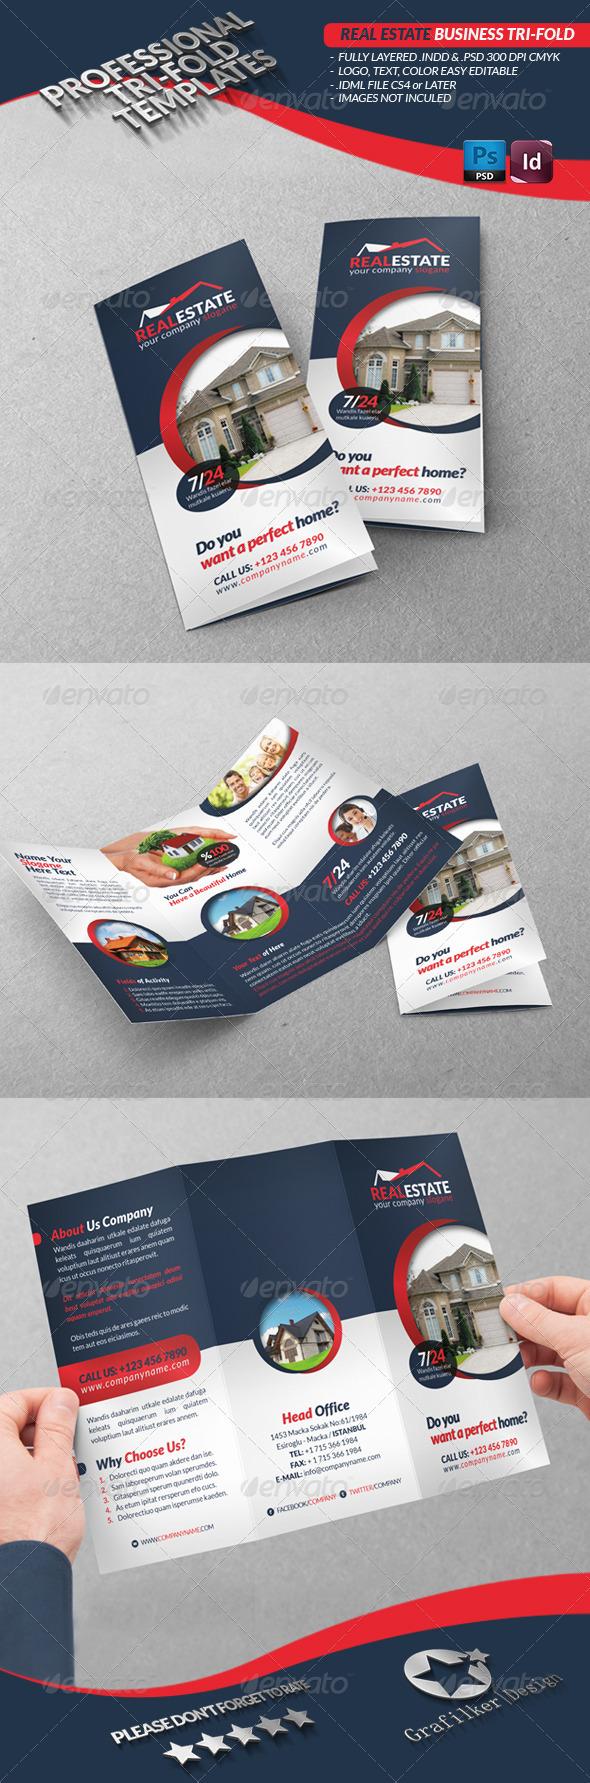 GraphicRiver Real Estate Business Tri-Fold 3487666